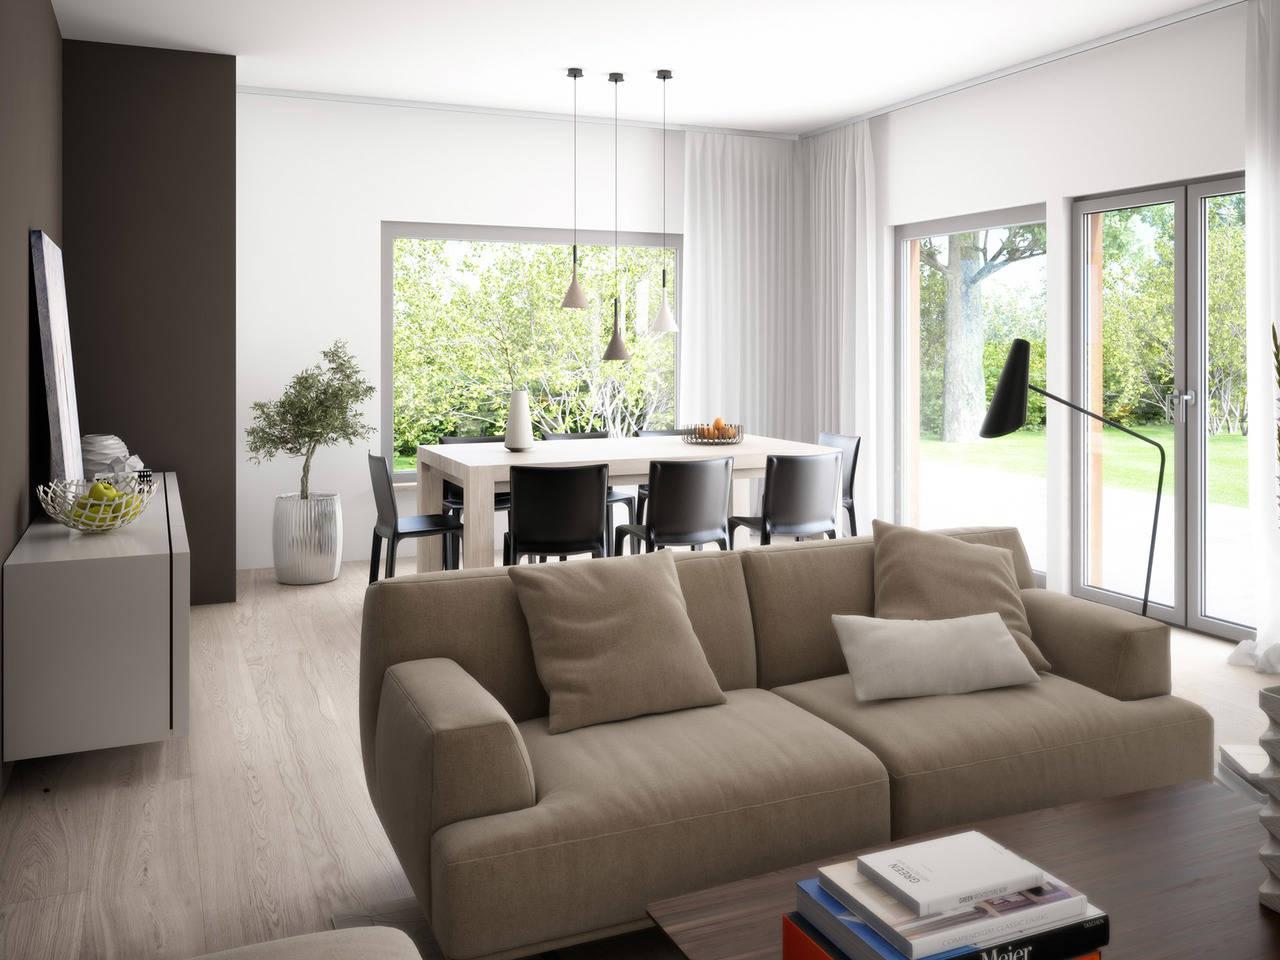 Haus SOLUTION 126 XL V6 Wohnzimmer von Living Haus